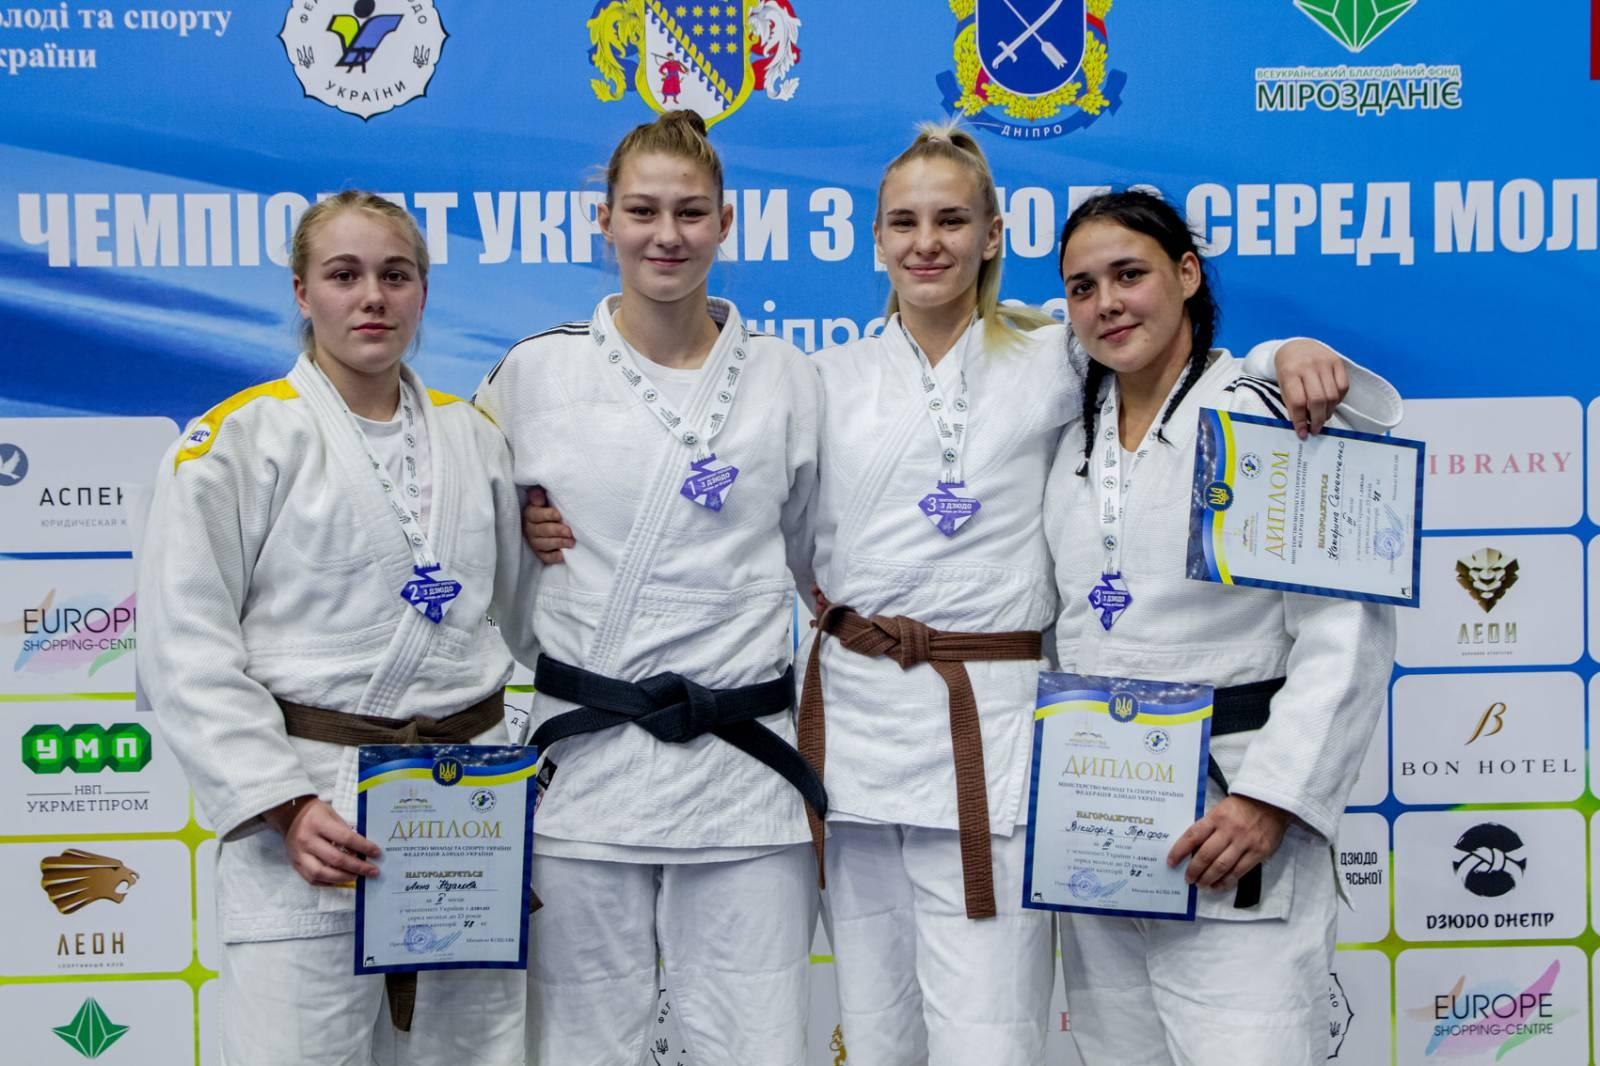 Покровчани стали призерами двох чемпіонатів із дзюдо